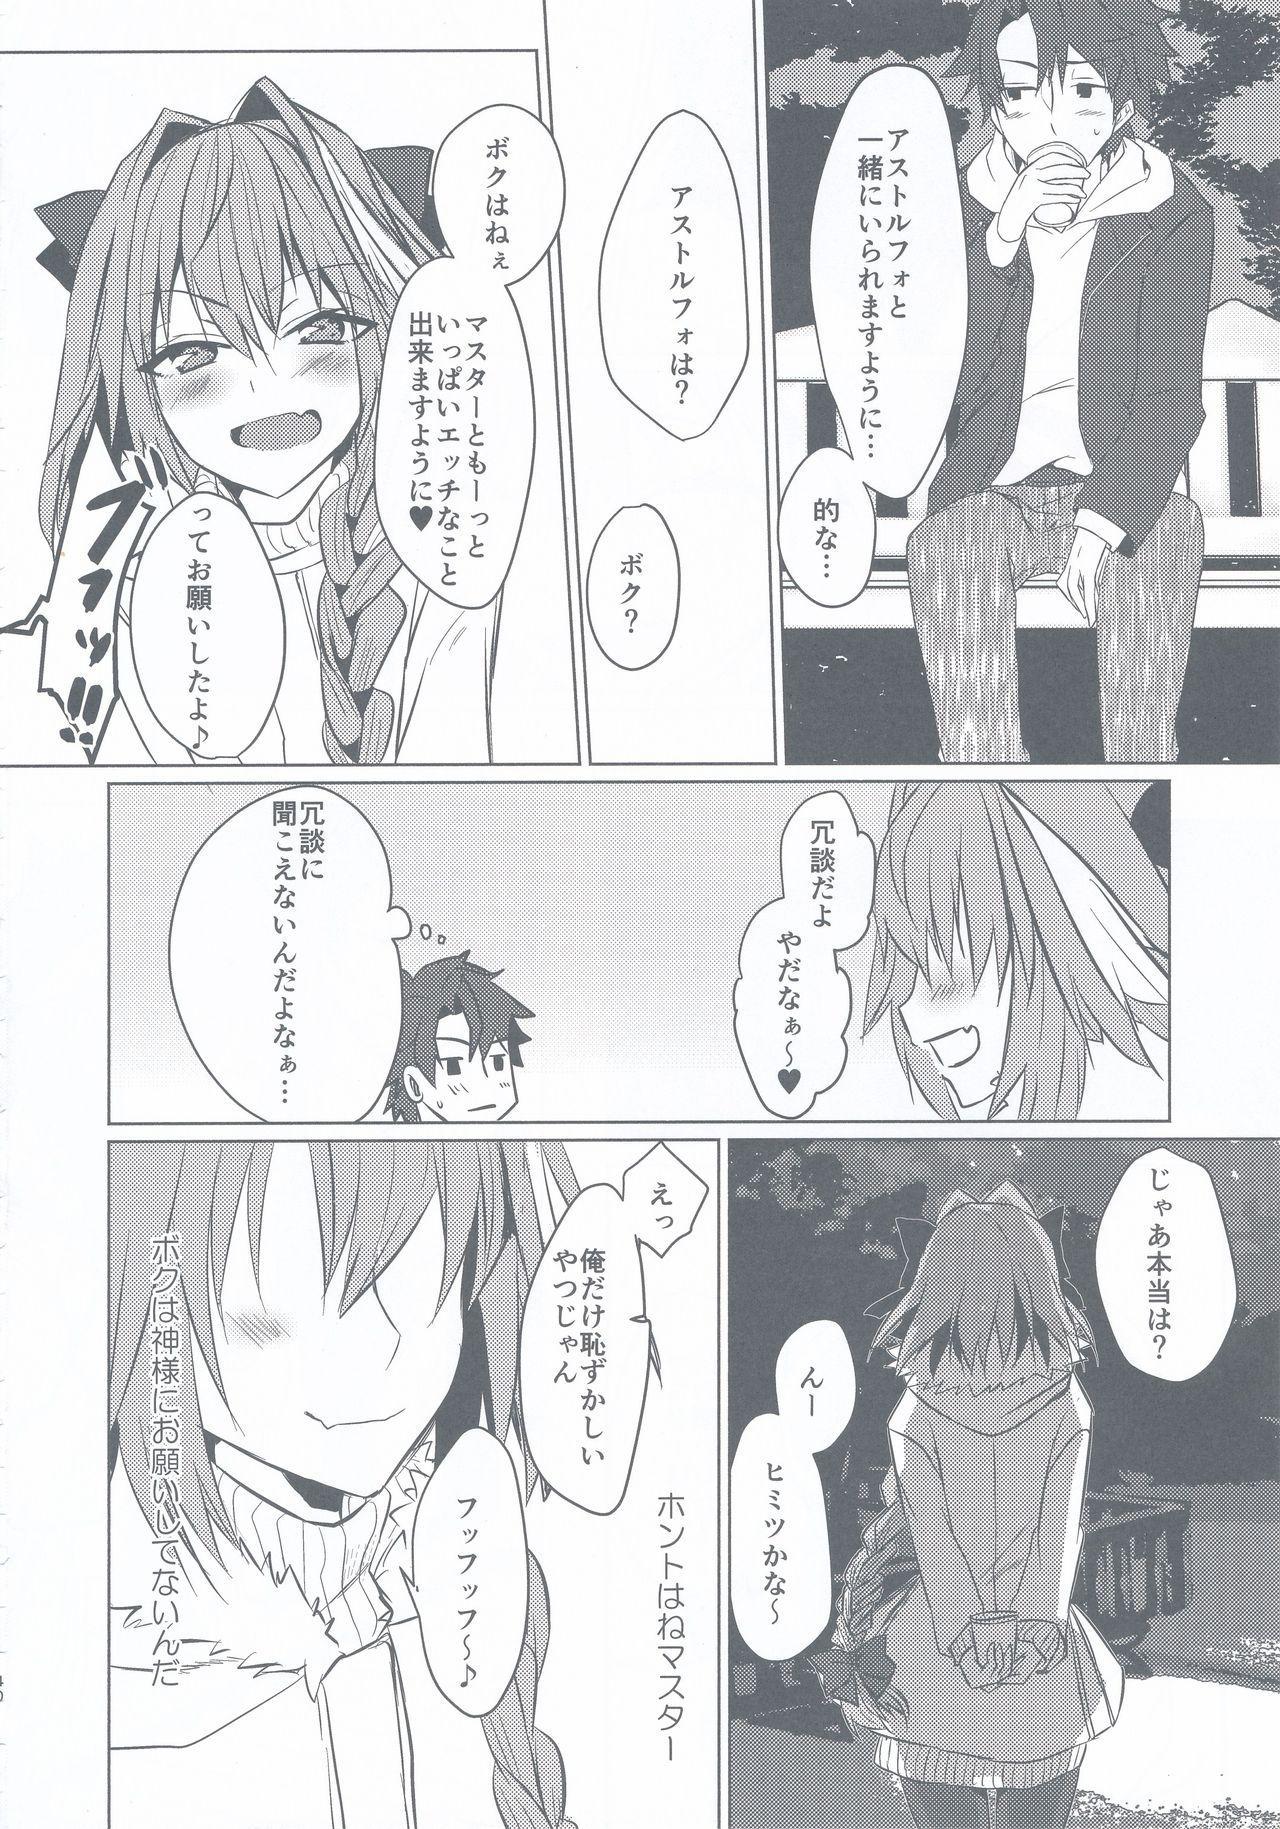 Astolfo-kun to Nenmatsu ni Ichaicha Sugosu Hon 39